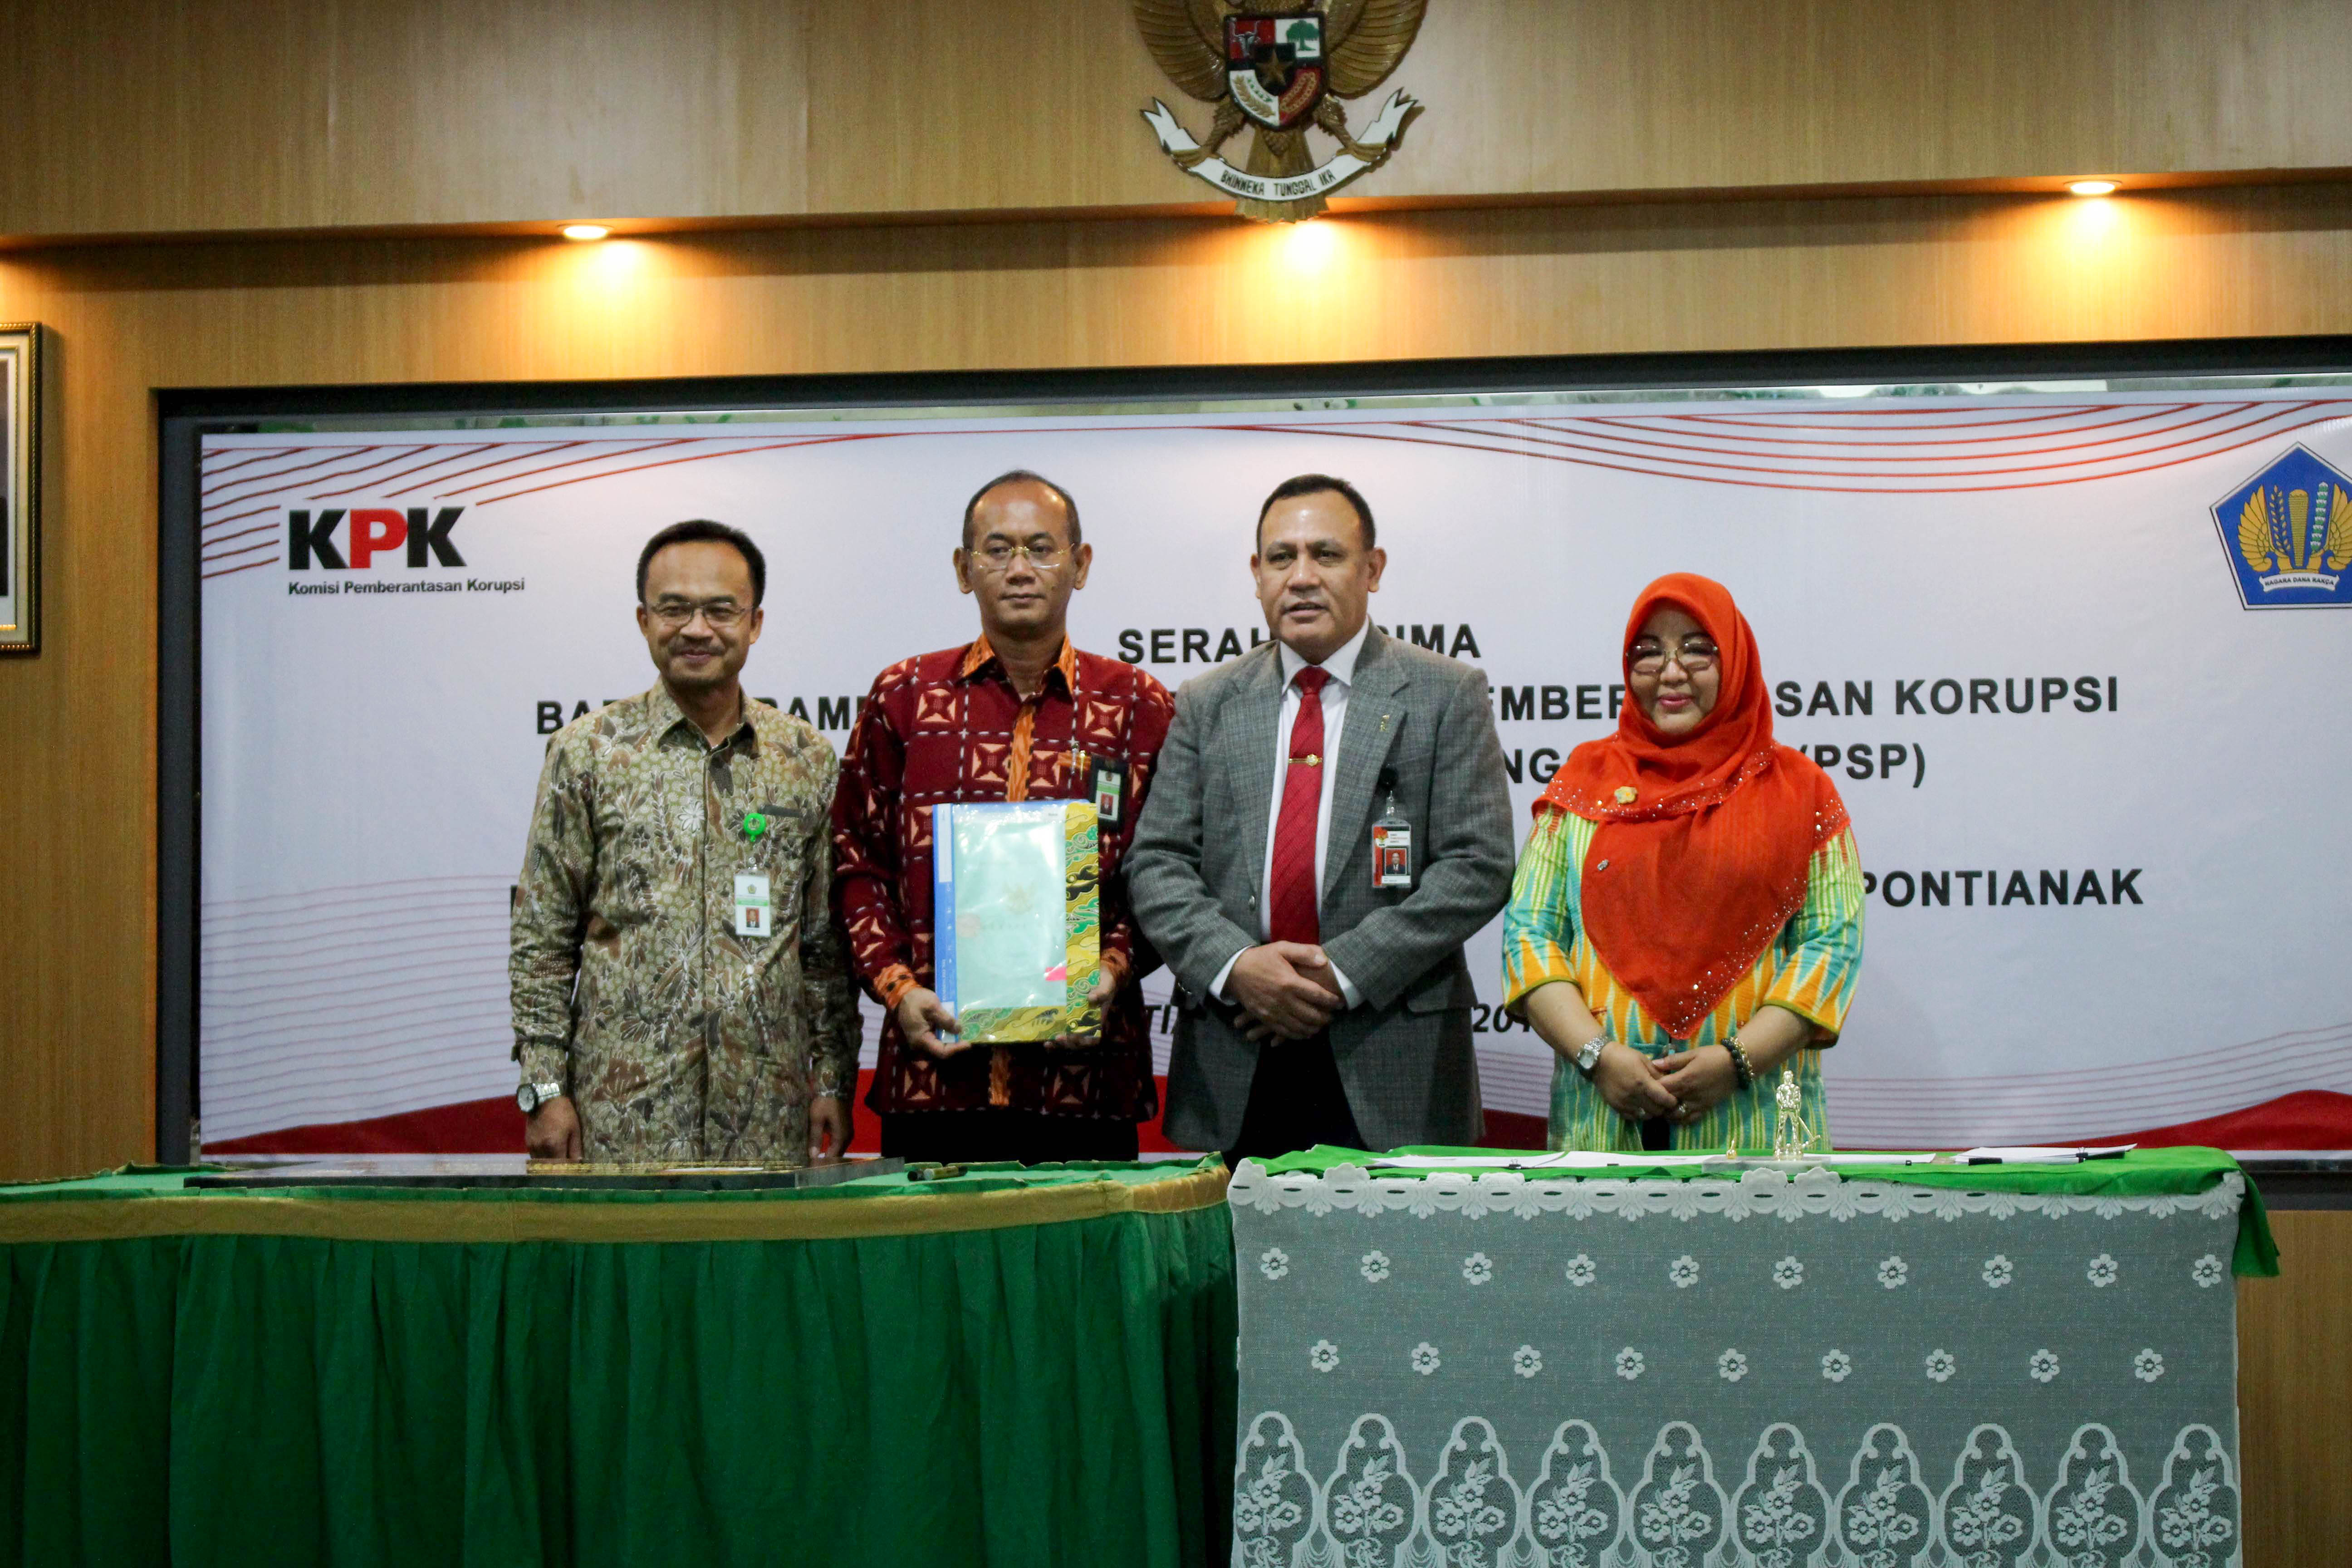 KPKNL Pontianak menerima aset rampasan dari KPK